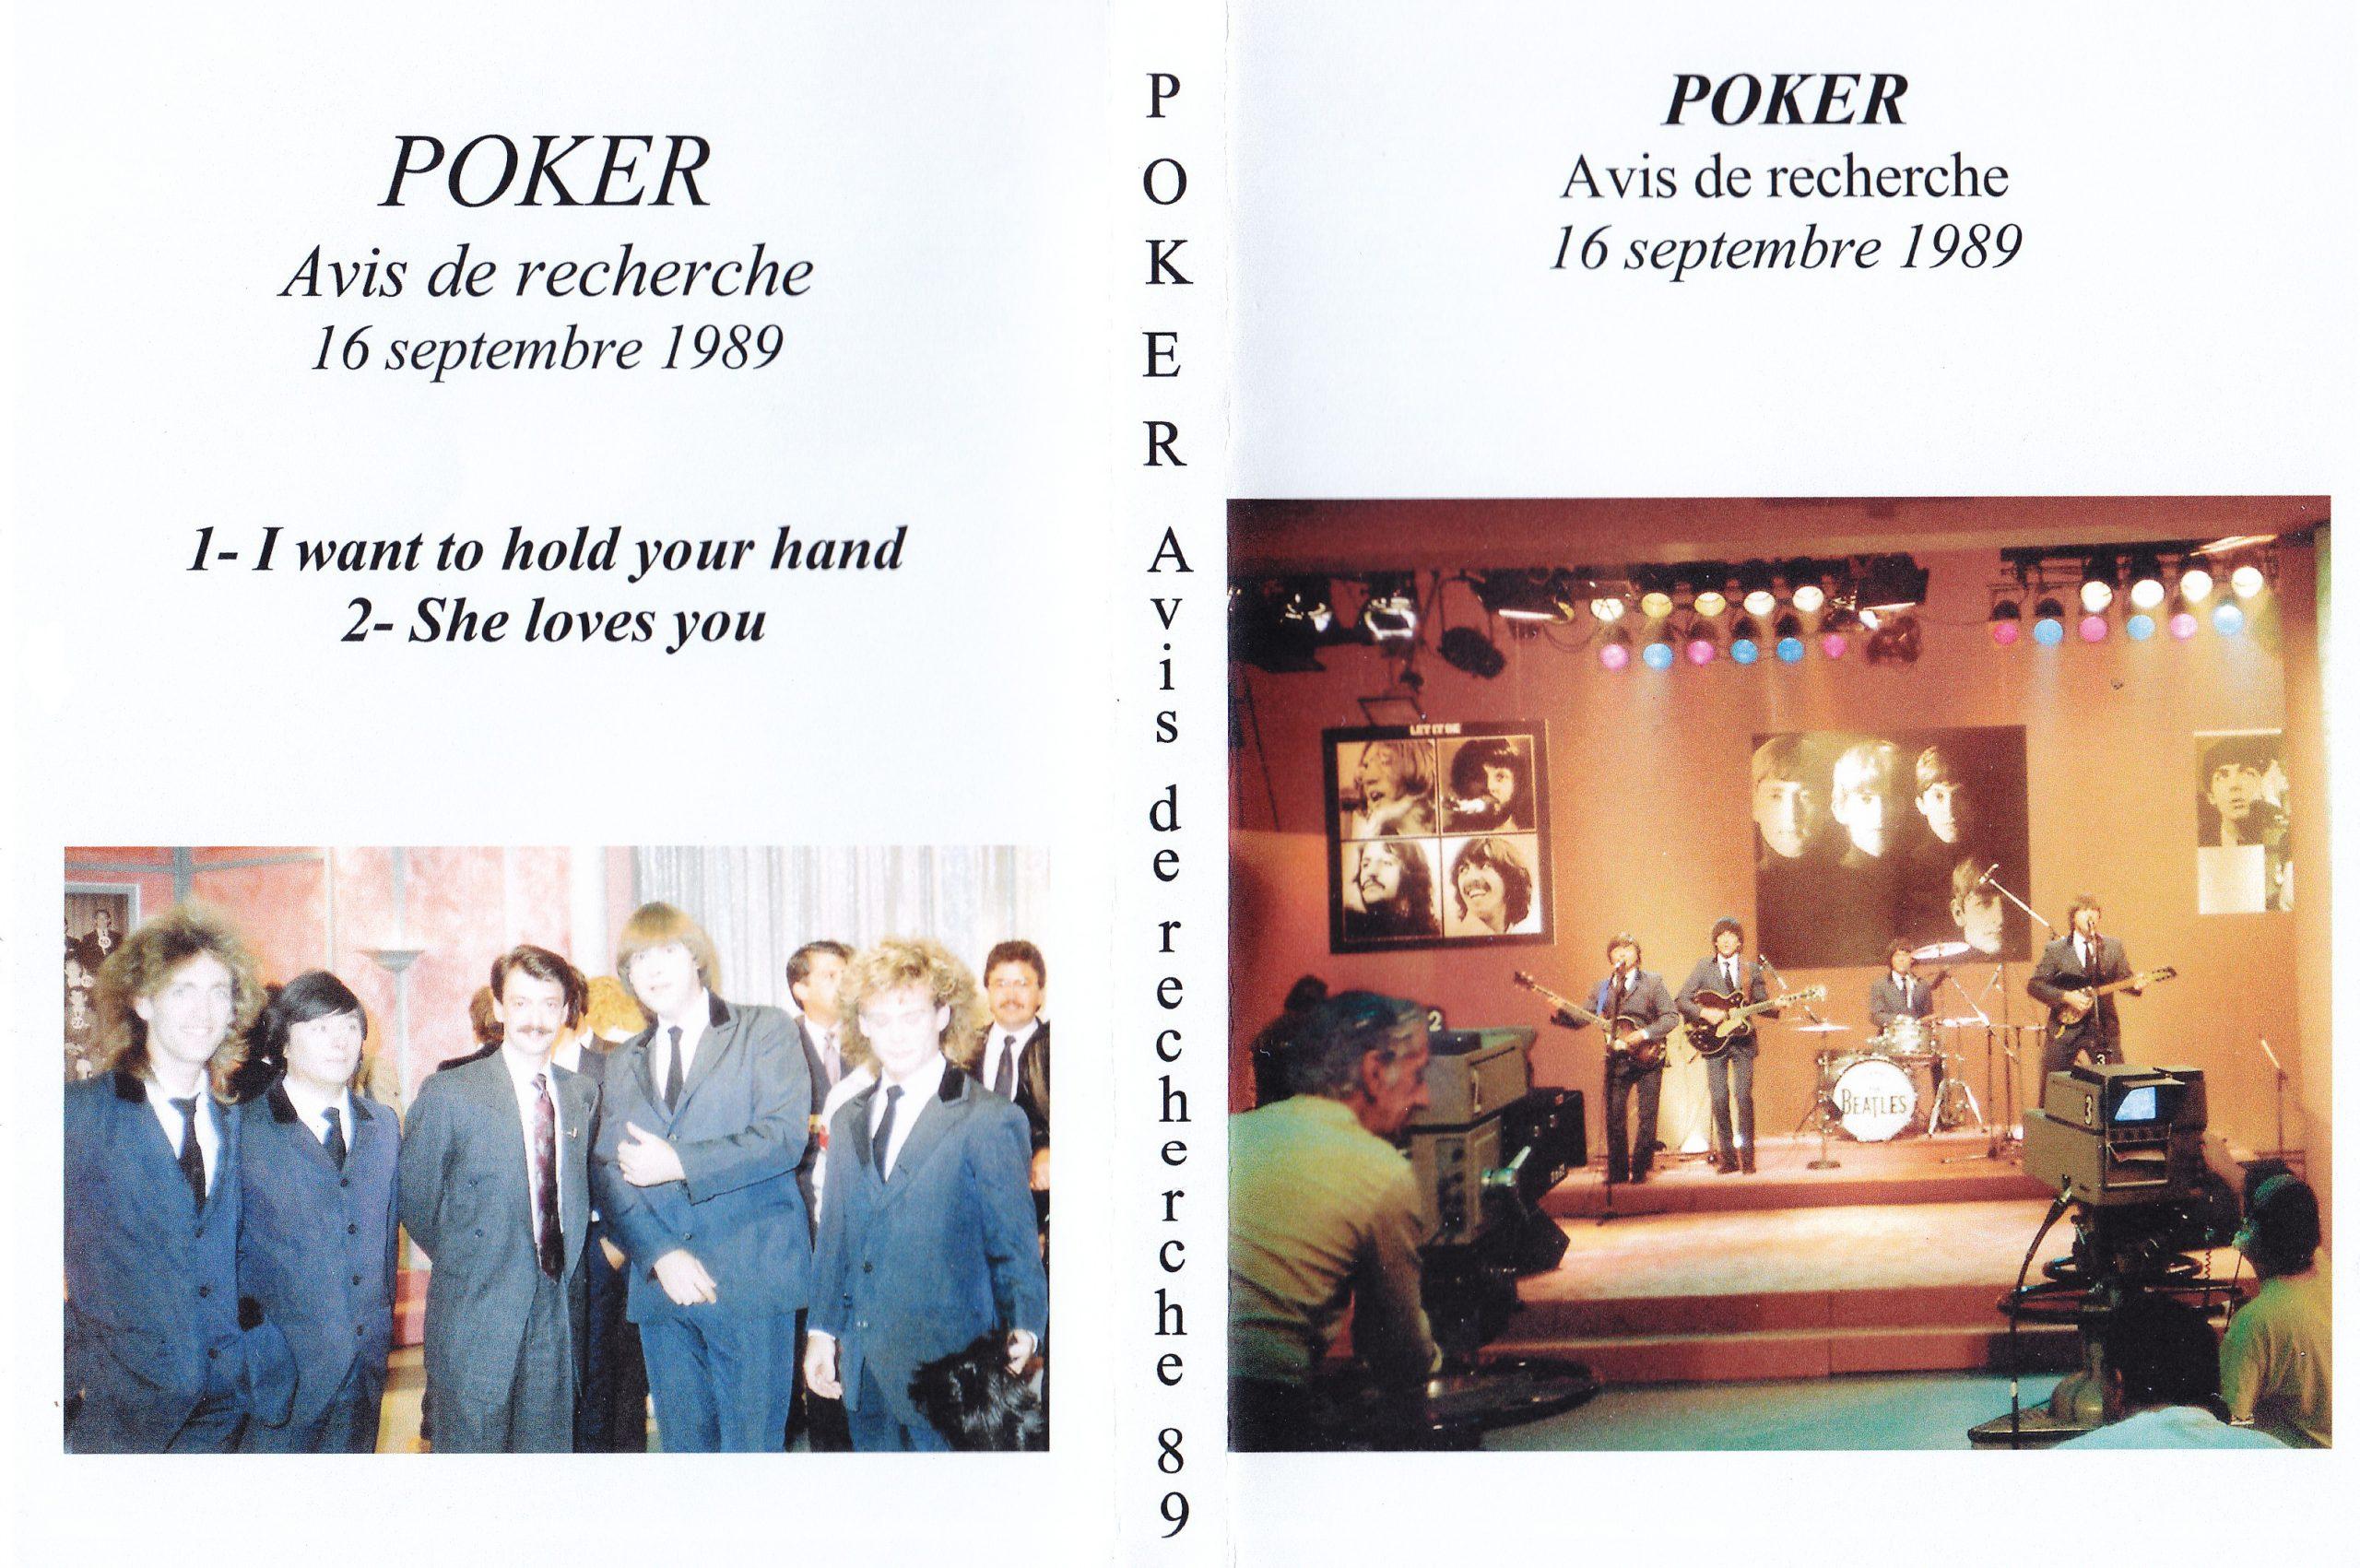 1989-poker-avis-de-recherche